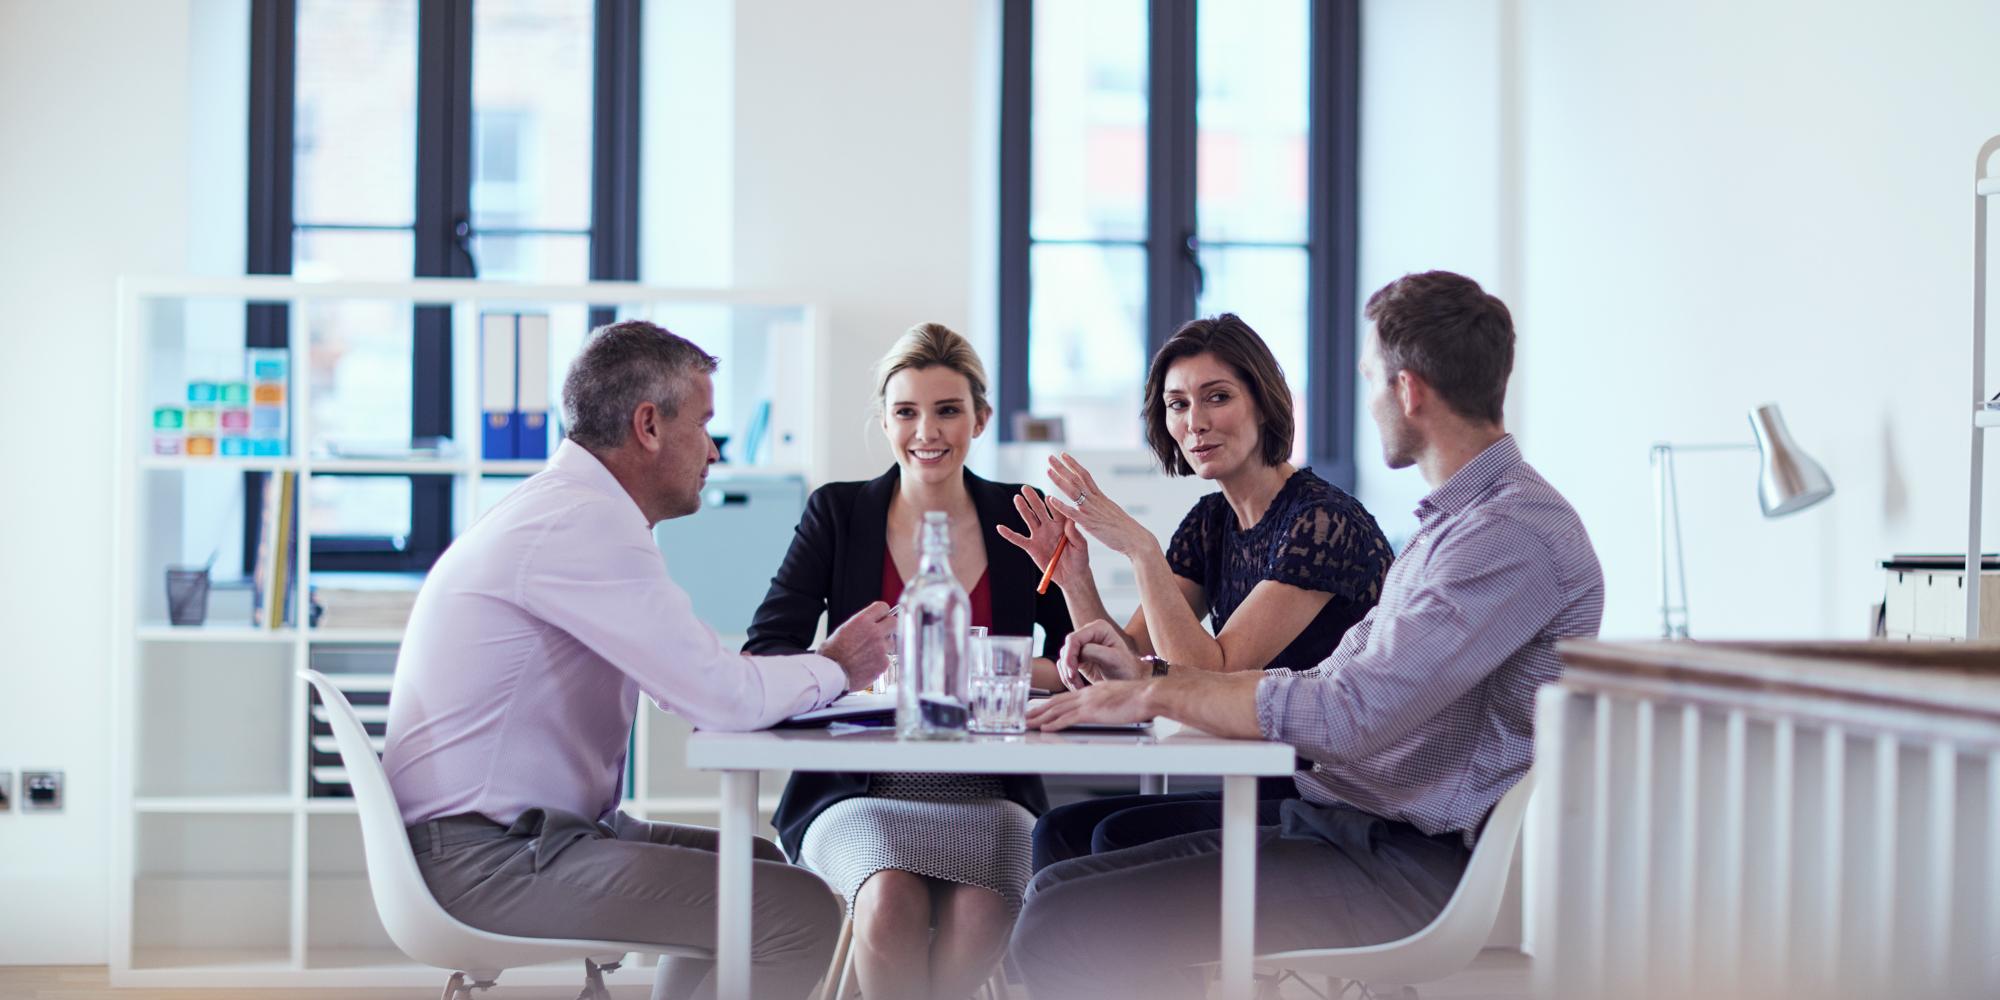 team work tra colleghi seduti al tavolo in ufficio